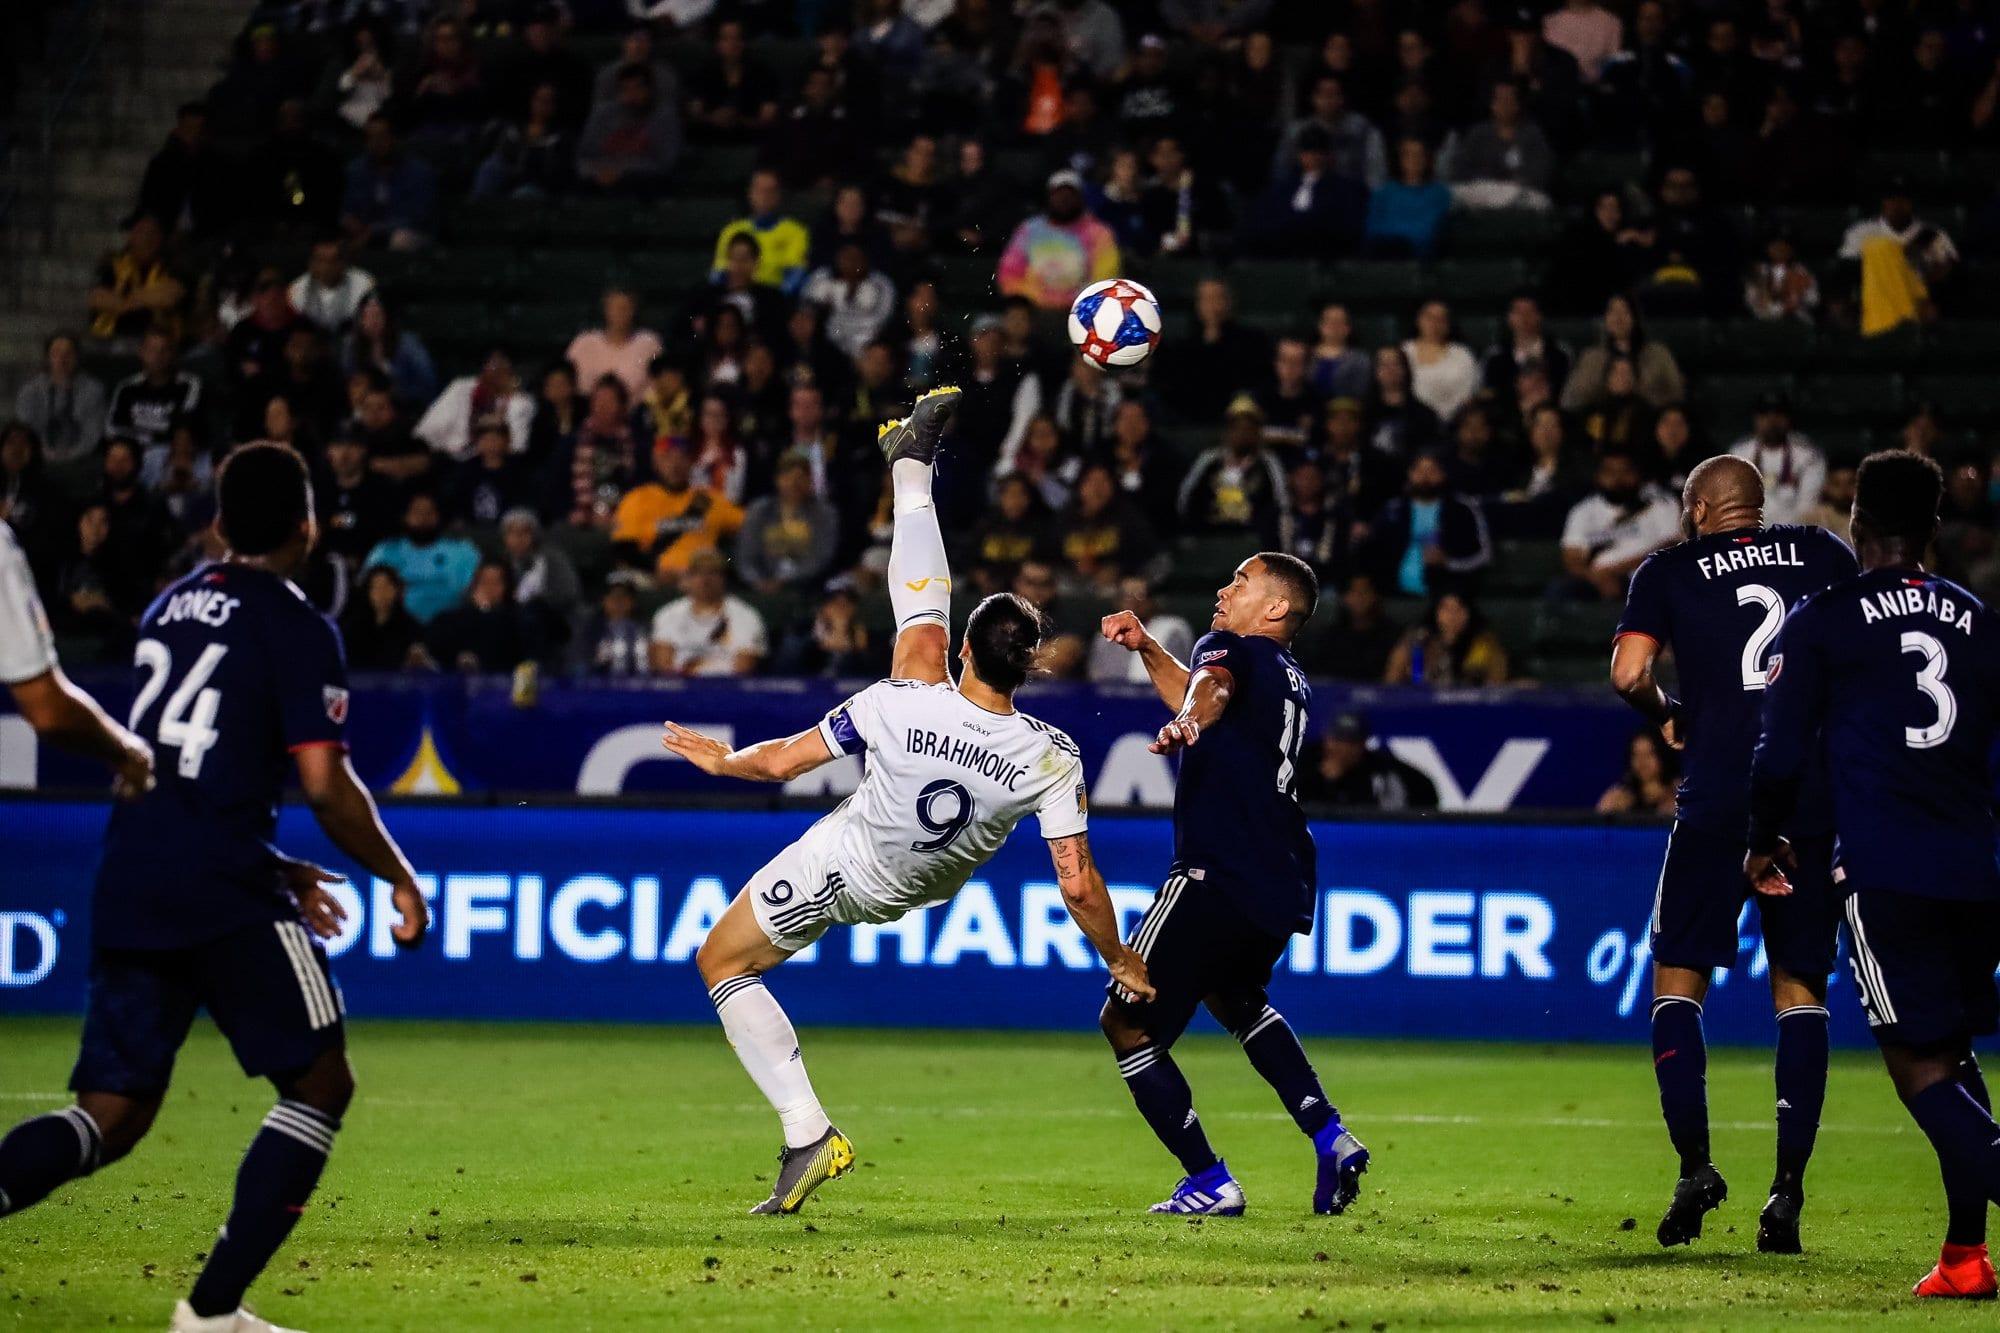 Ibrahimovic Tor La Galaxy